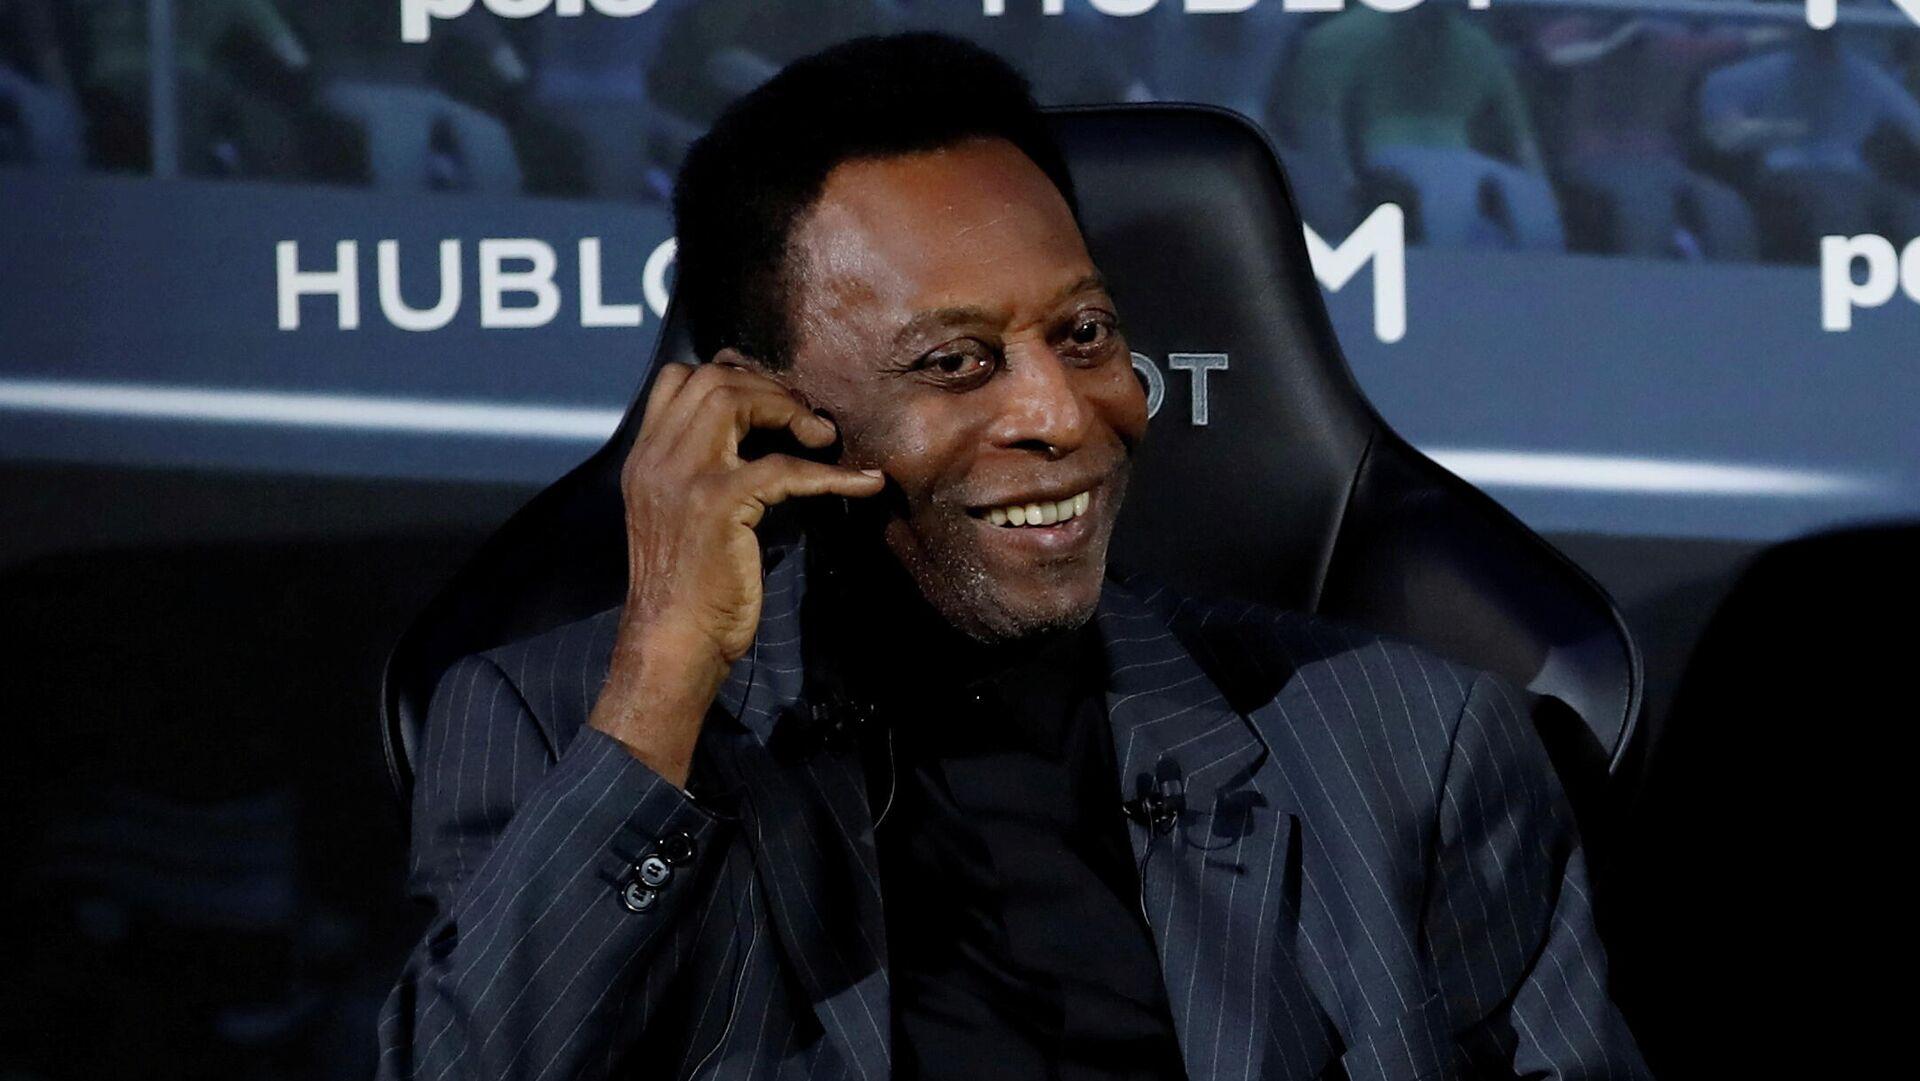 Brazilian soccer legend Pele is seen in Paris, April 2, 2019. - Sputnik International, 1920, 19.09.2021